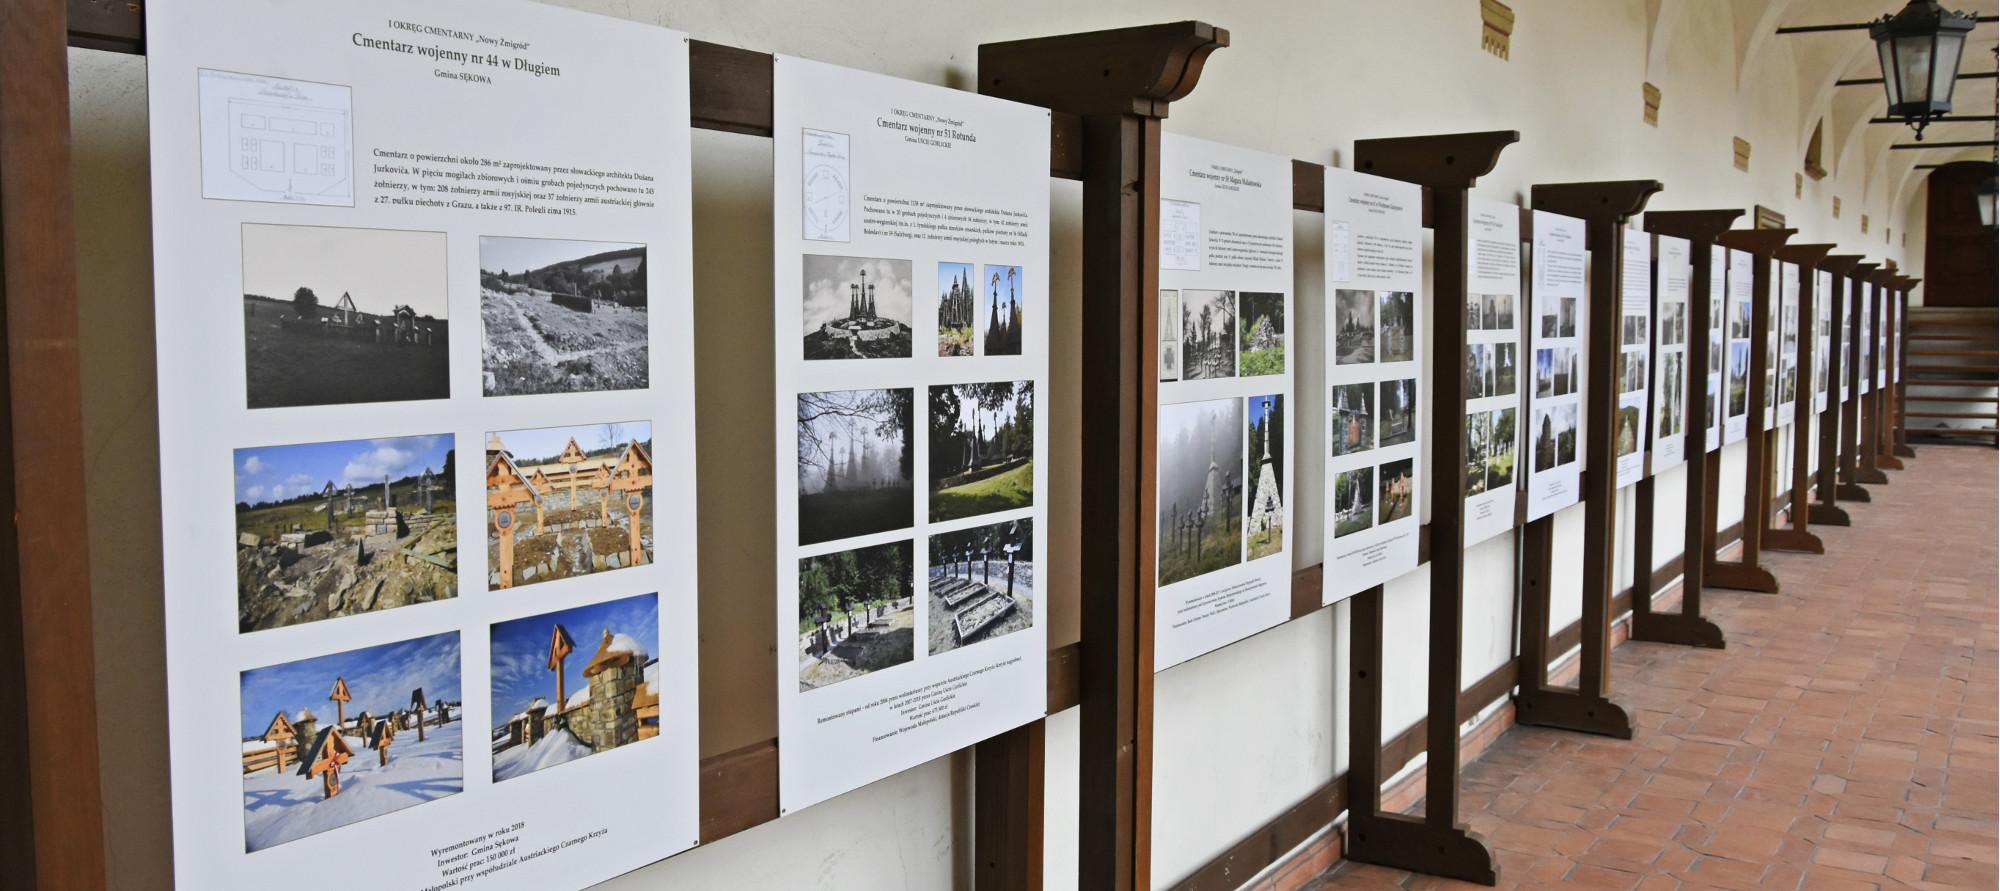 Plansze przedstawiające odnowione cmentarze